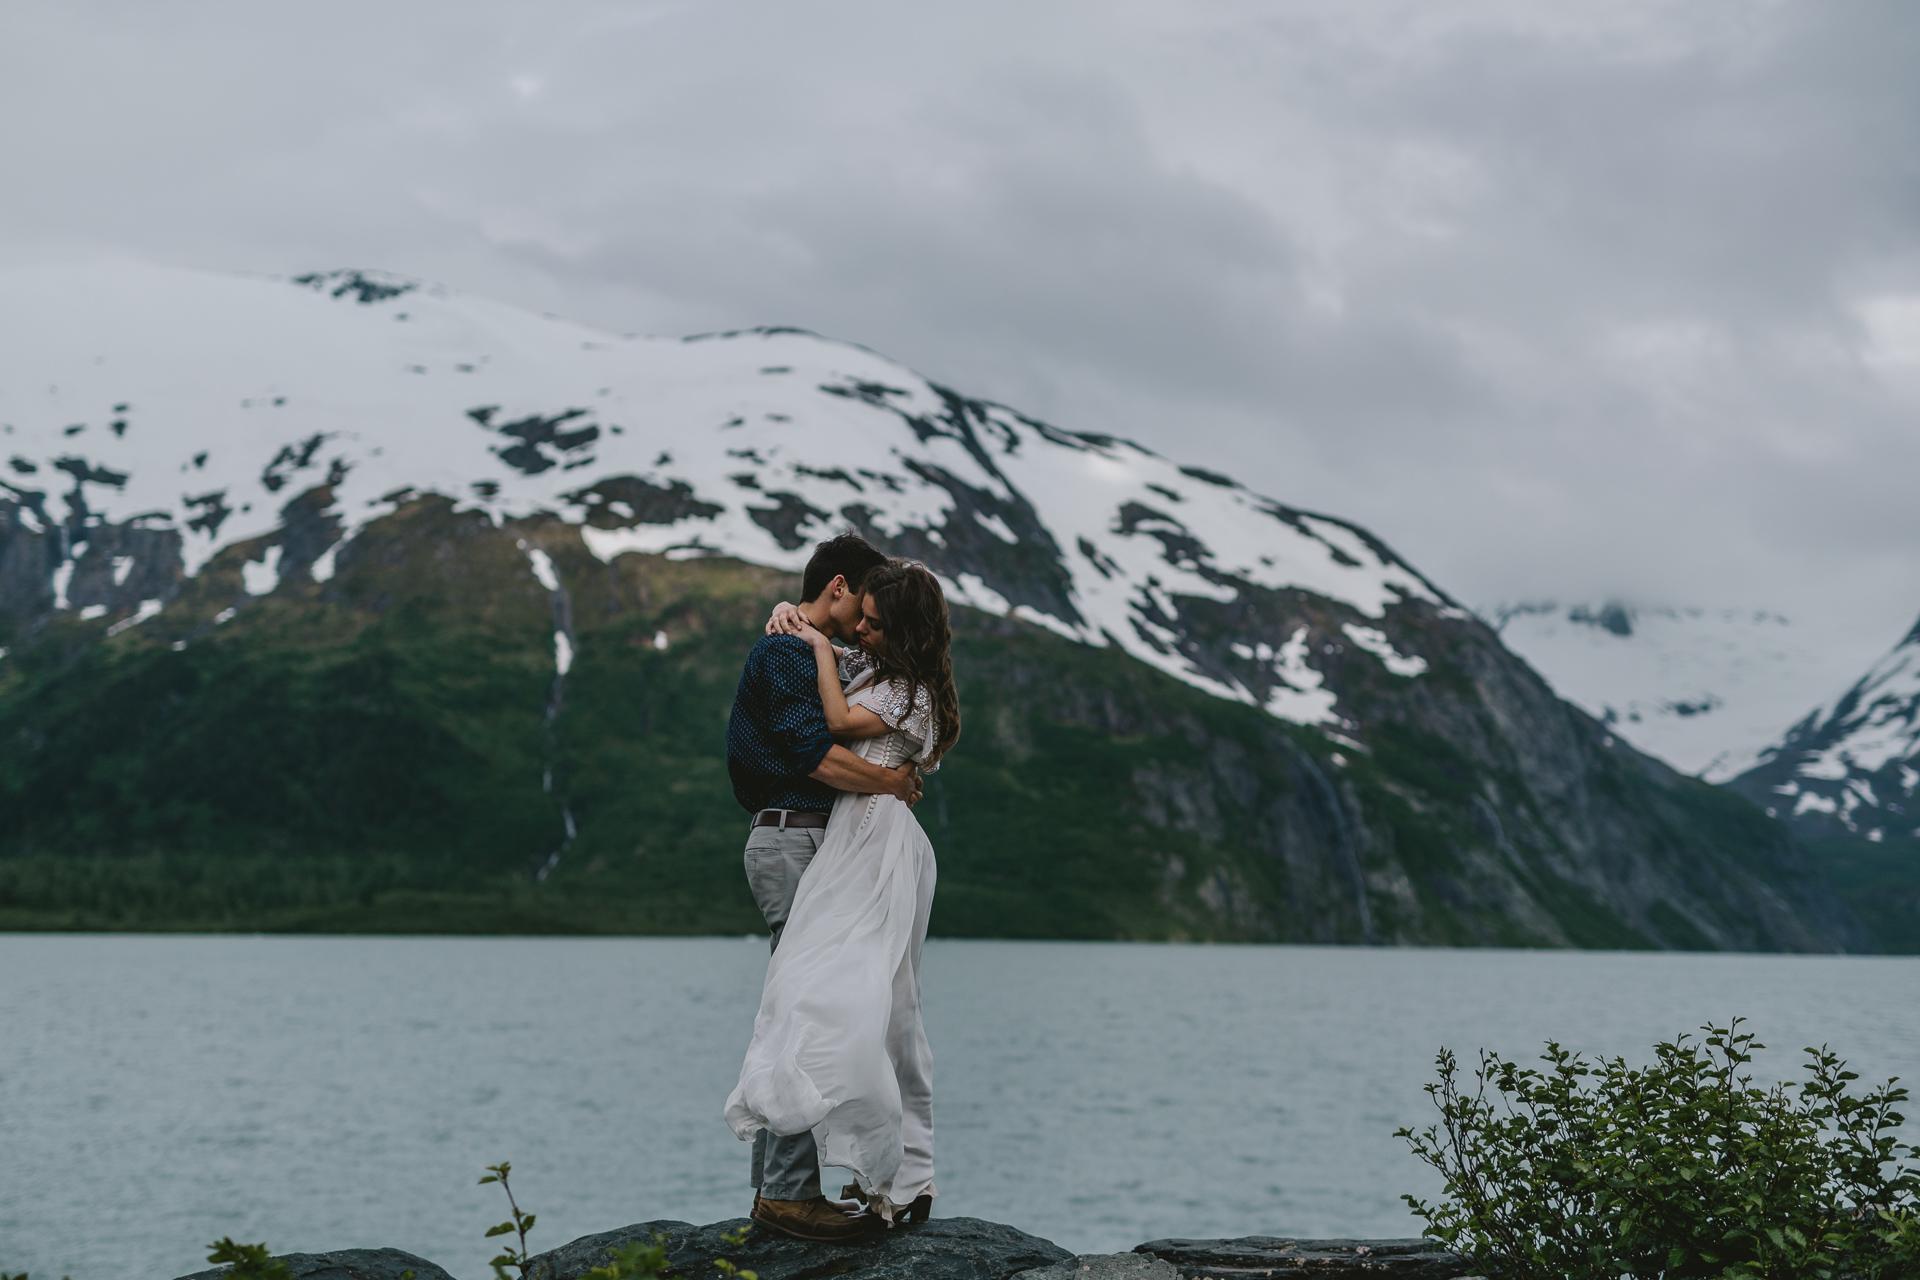 jess-hunter-photographer-alaska-destination-elopement-5918.jpg